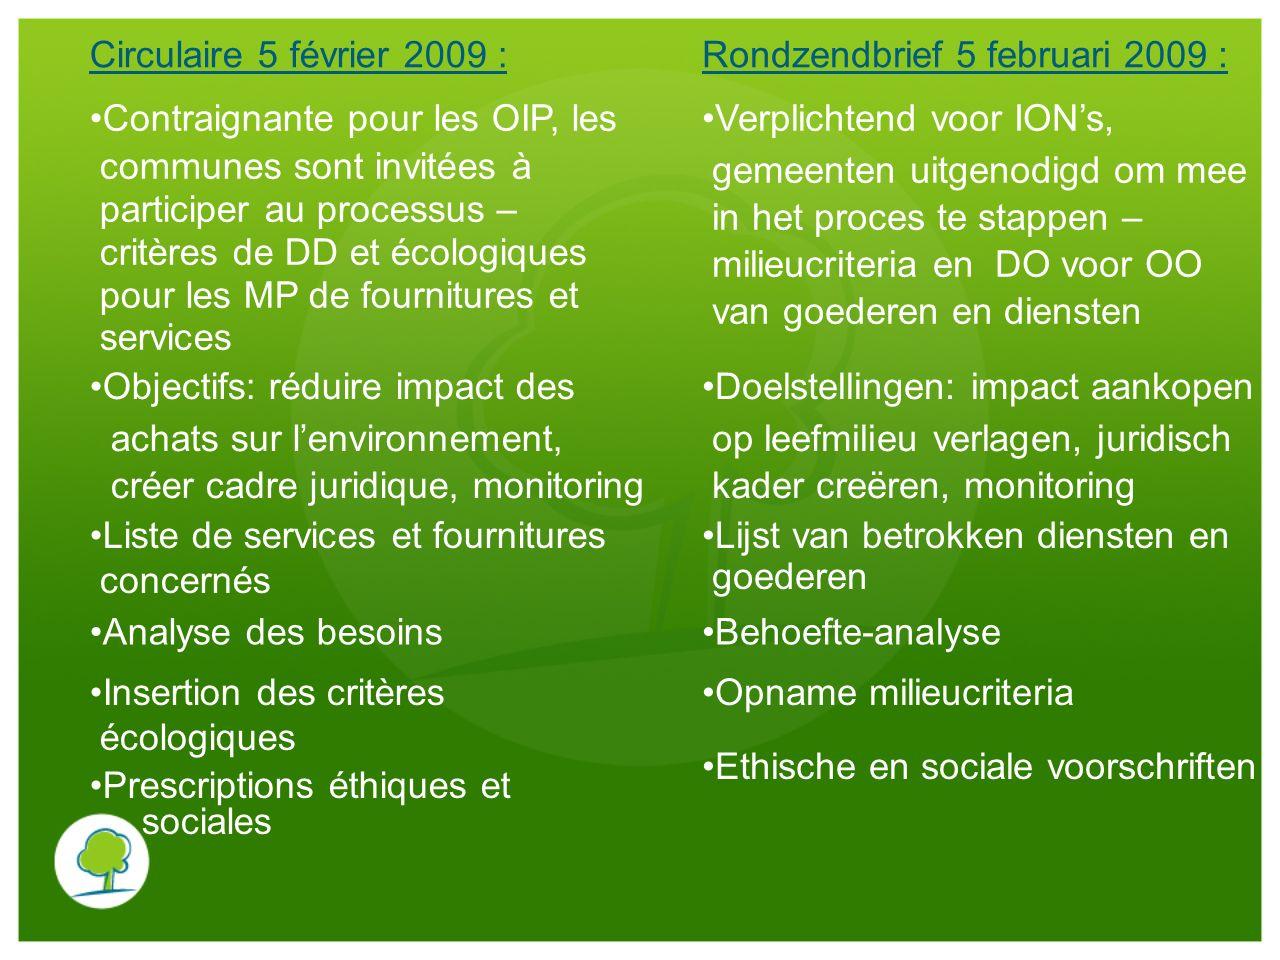 Circulaire 5 février 2009 :Rondzendbrief 5 februari 2009 : Contraignante pour les OIP, les communes sont invitées à participer au processus – critères